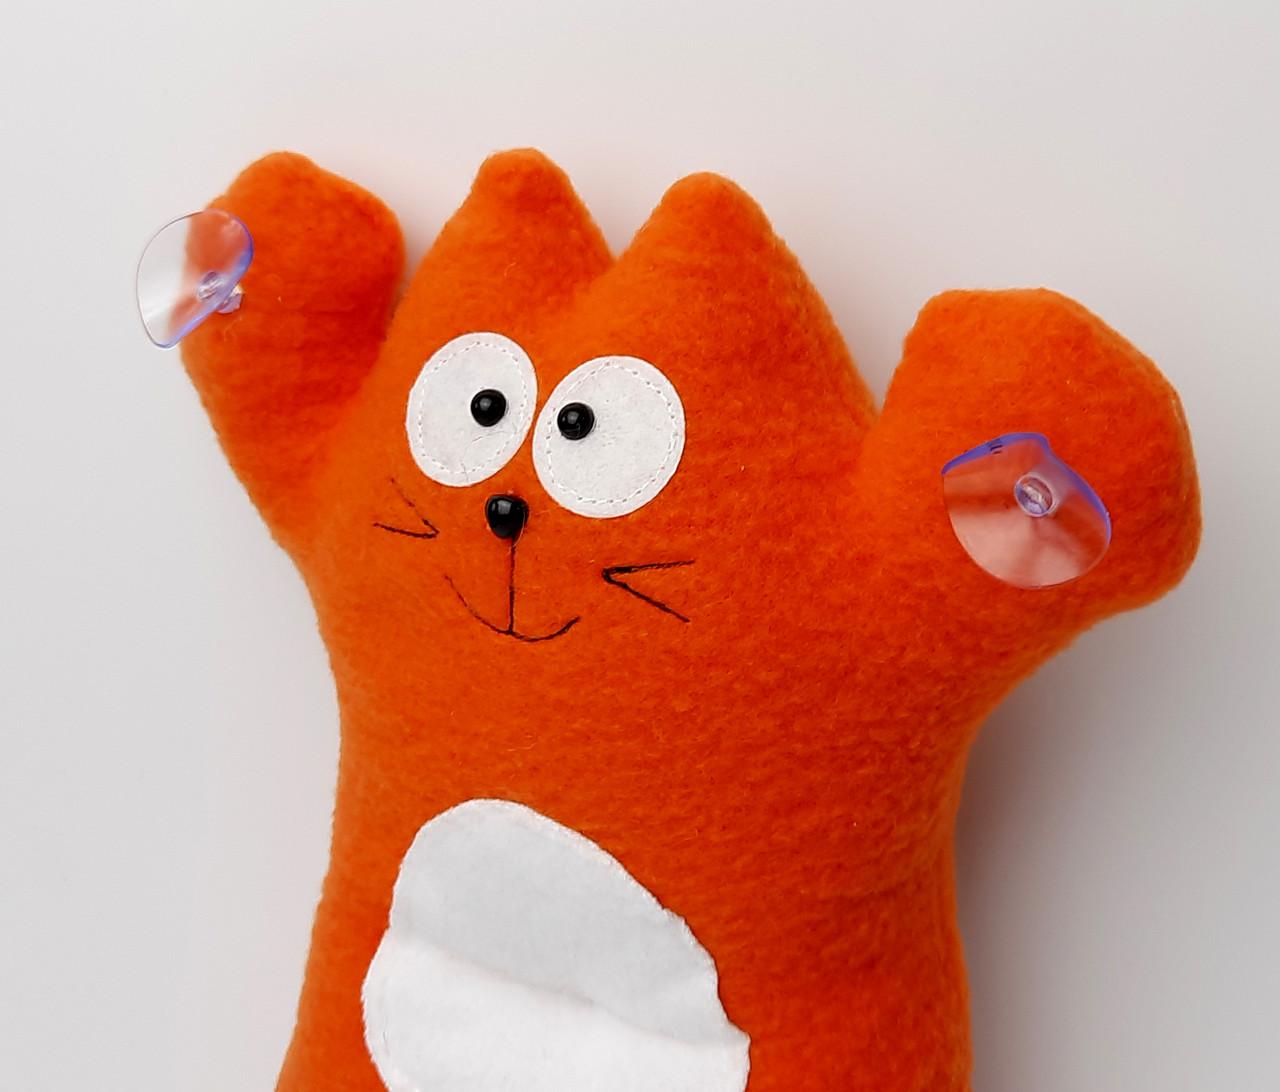 Саймон Кот рыжий на присосках - Сувенир в машину - Мягкая игрушка Кот Саймон - Подарок автомобилисту - фото 9